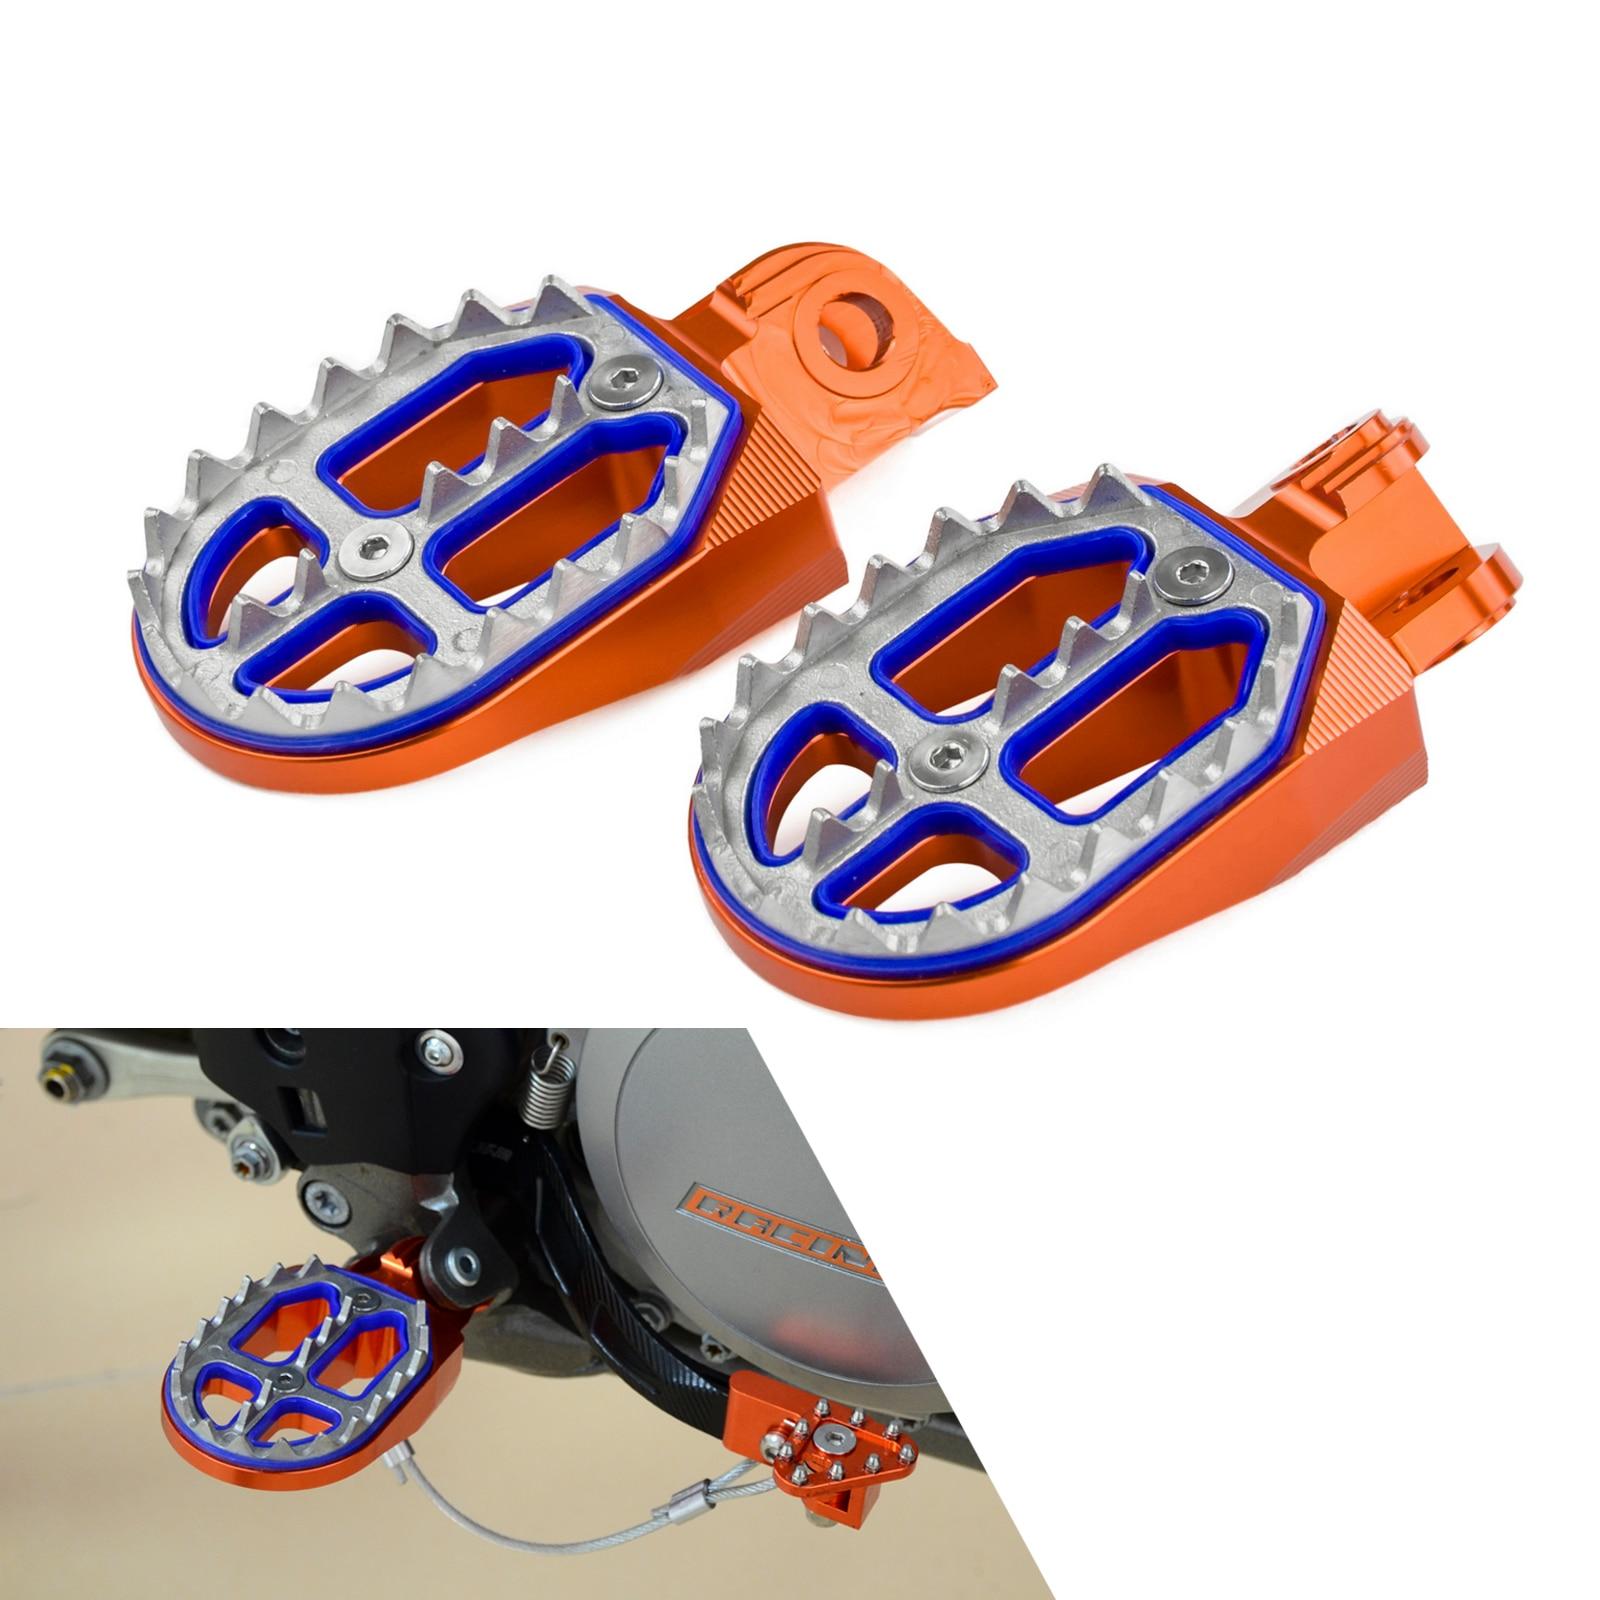 Billet MX Cilindri pentru picioare pentru pedale pentru KTM EXC SX SXF XC XCF 65 85 125 200 250 300 350 400 450 525 530 690 950 990 1090 1190 1290